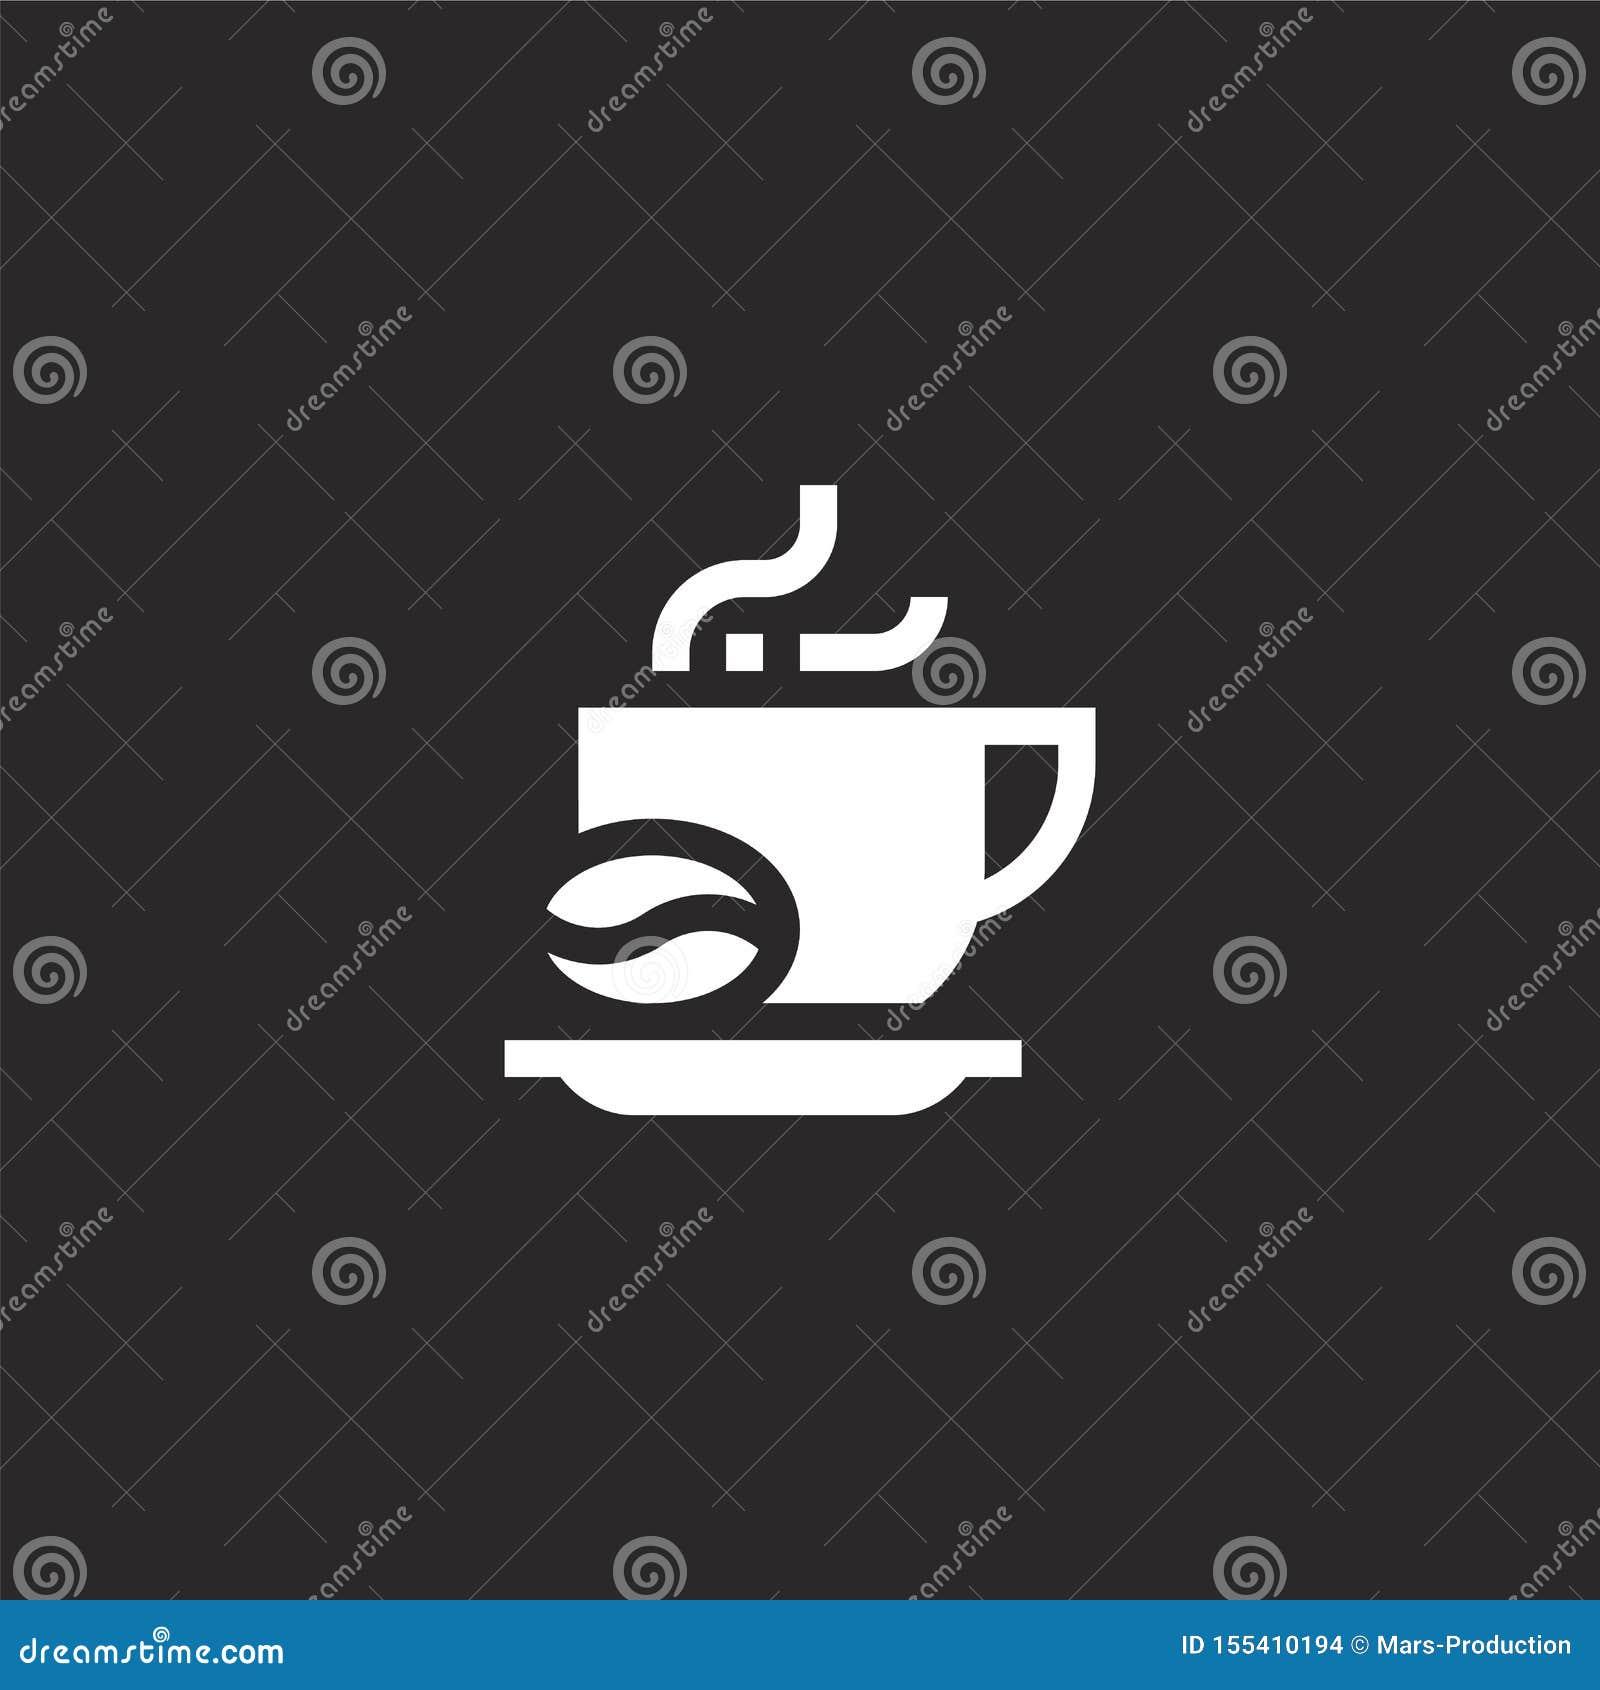 Icono del caf? Icono llenado del café para el diseño y el móvil, desarrollo de la página web del app icono del café de aficiones